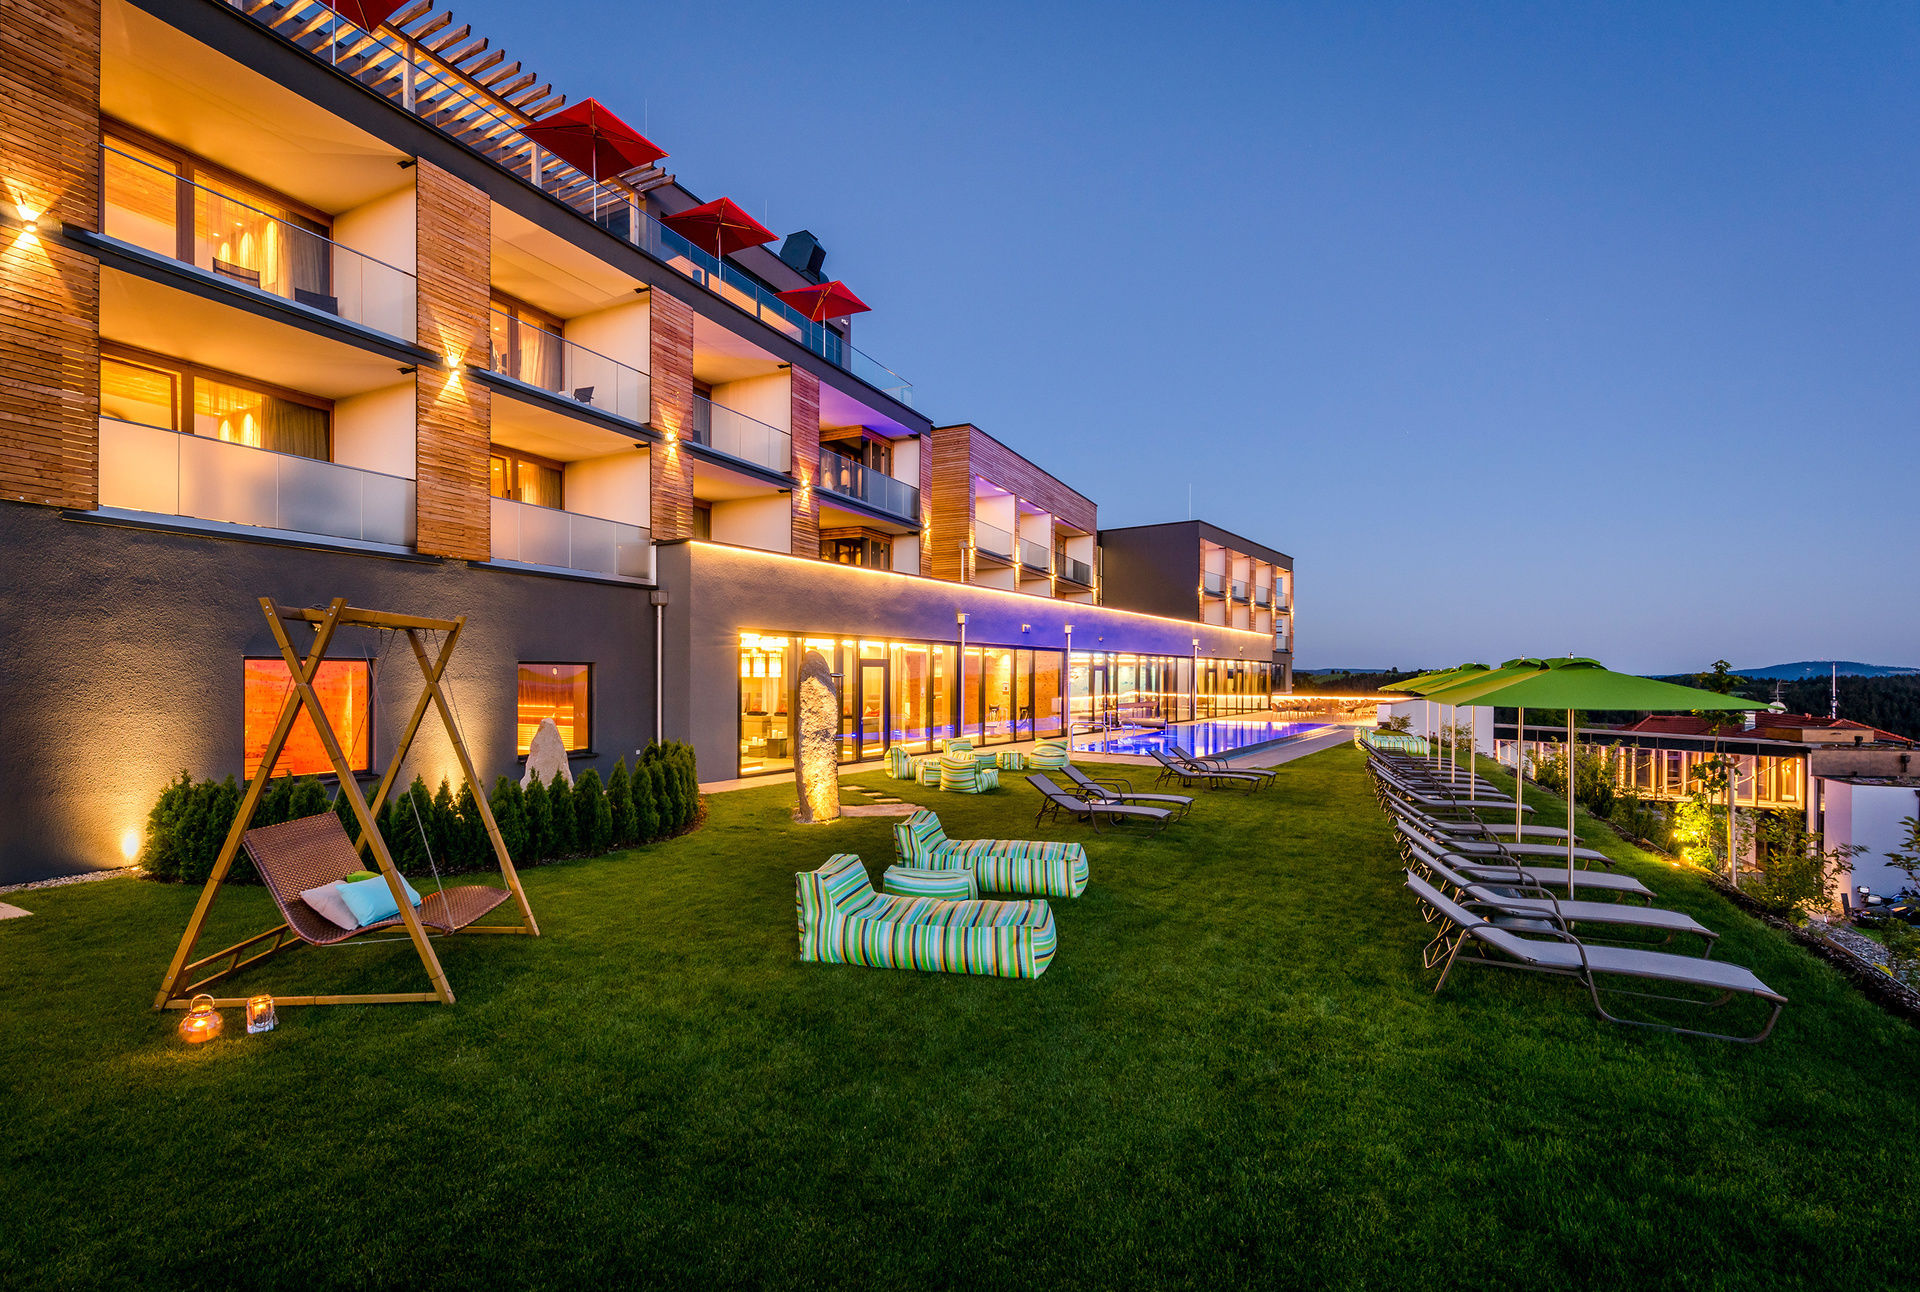 4 Sterne Wellnesshotel Bayerischer Wald Erwachsenenhotel Huttenhof